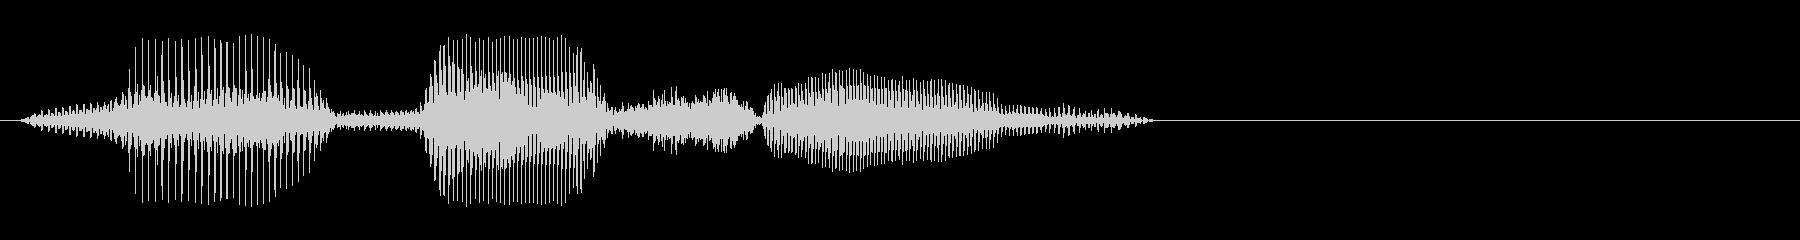 7,000の未再生の波形